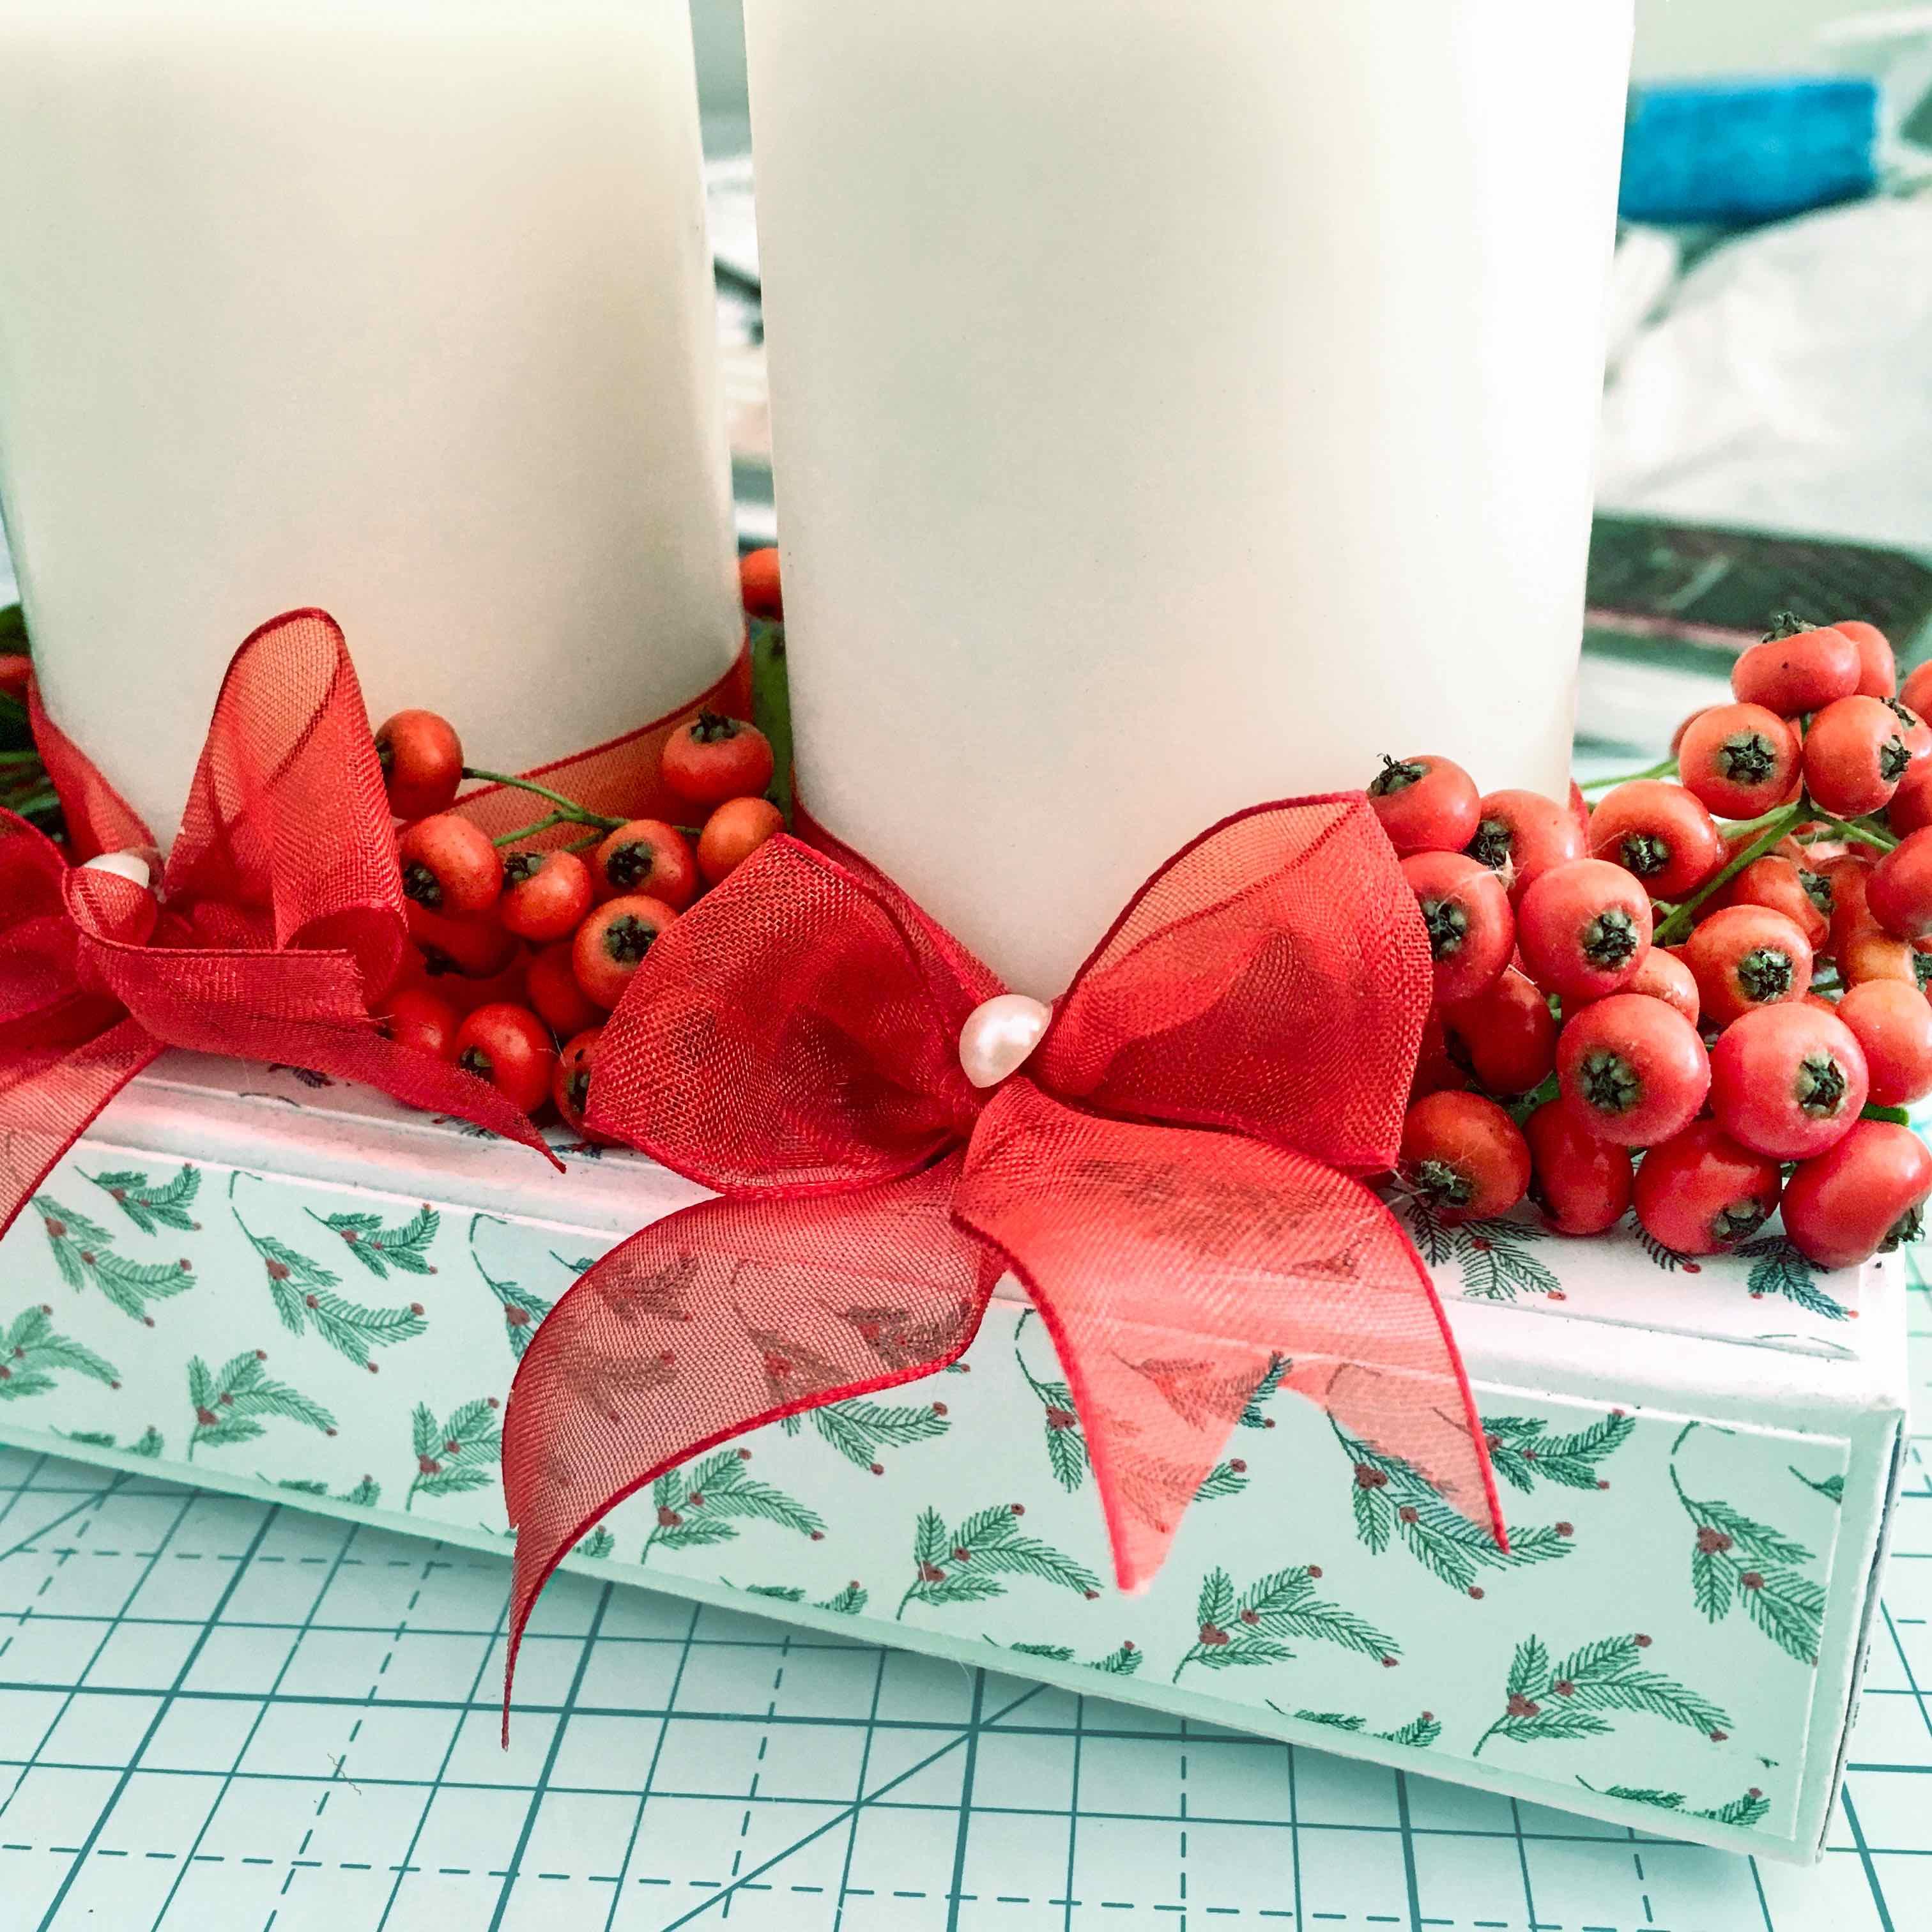 Decorazioni natalizie fai da te 6 la stanza perdormire - Decorazioni marine fai da te ...